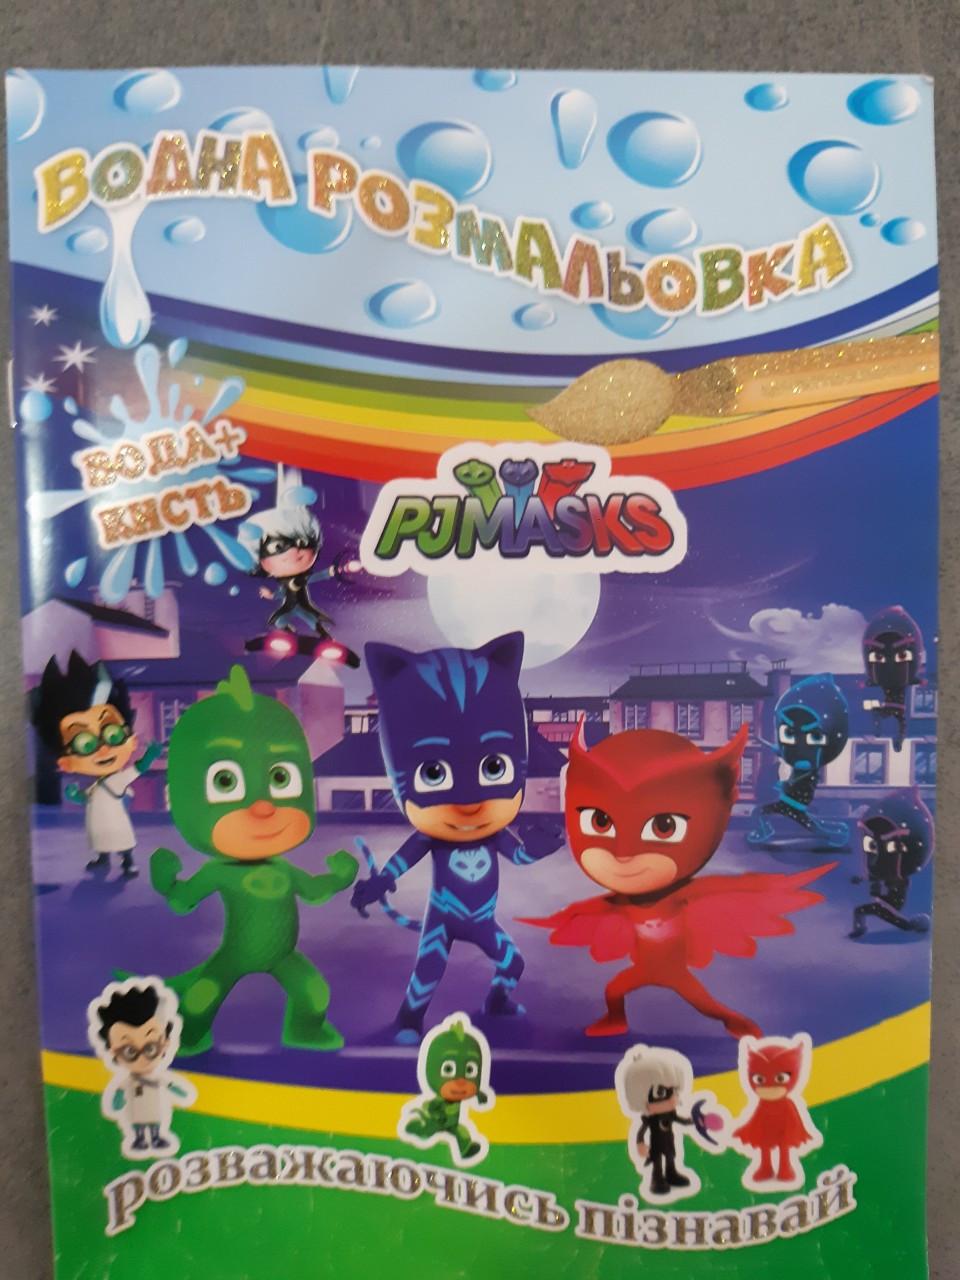 Бамбук Раскраска Водная А5/Герои в масках: продажа, цена в ...